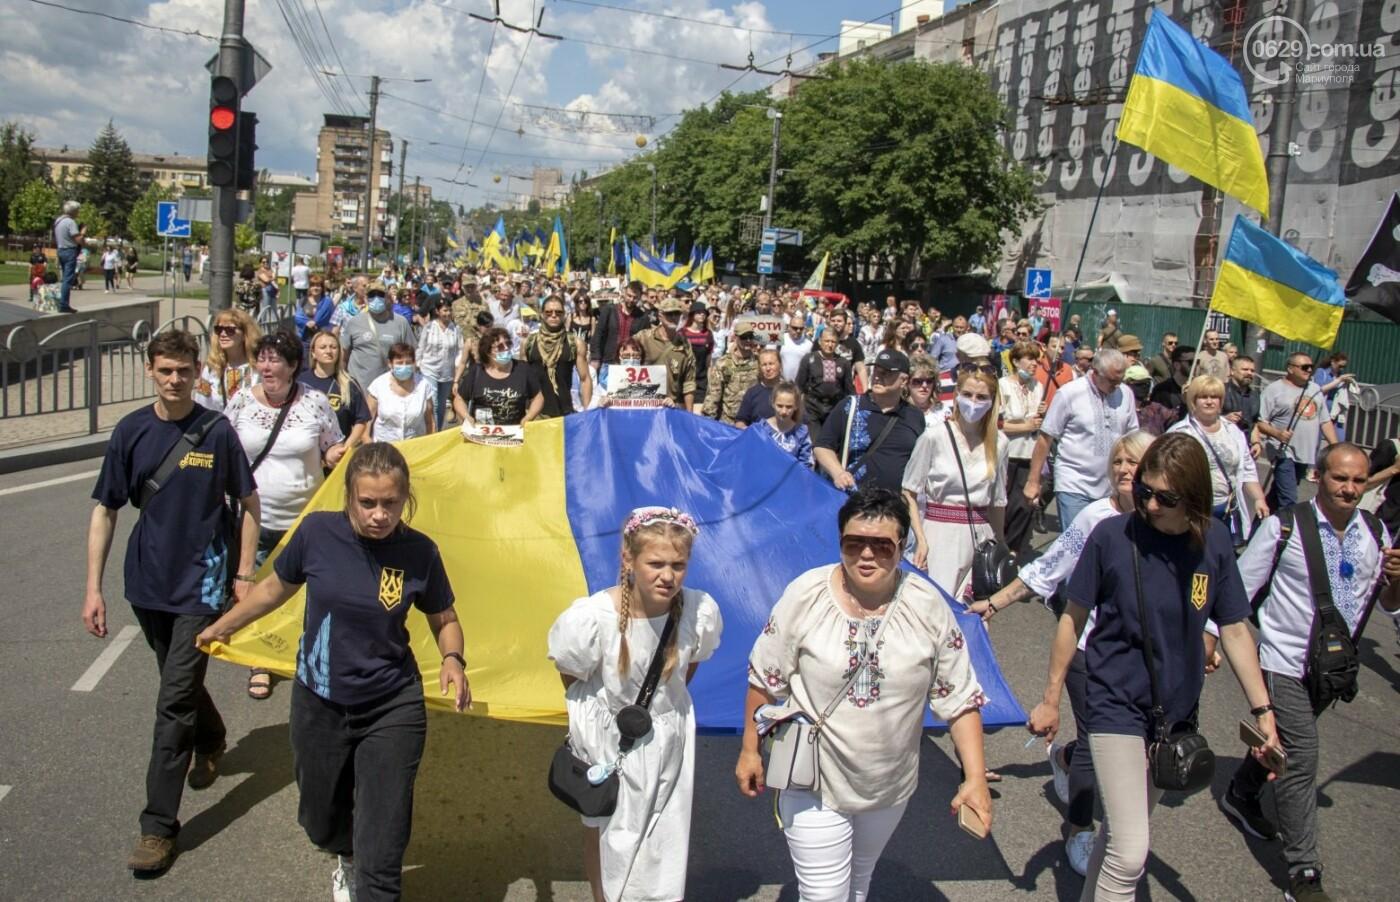 Без мэра. Как прошла в Мариуполе 7-я годовщина освобождения города от террористов и сепаратистов, - ФОТОРЕПОРТАЖ, фото-5